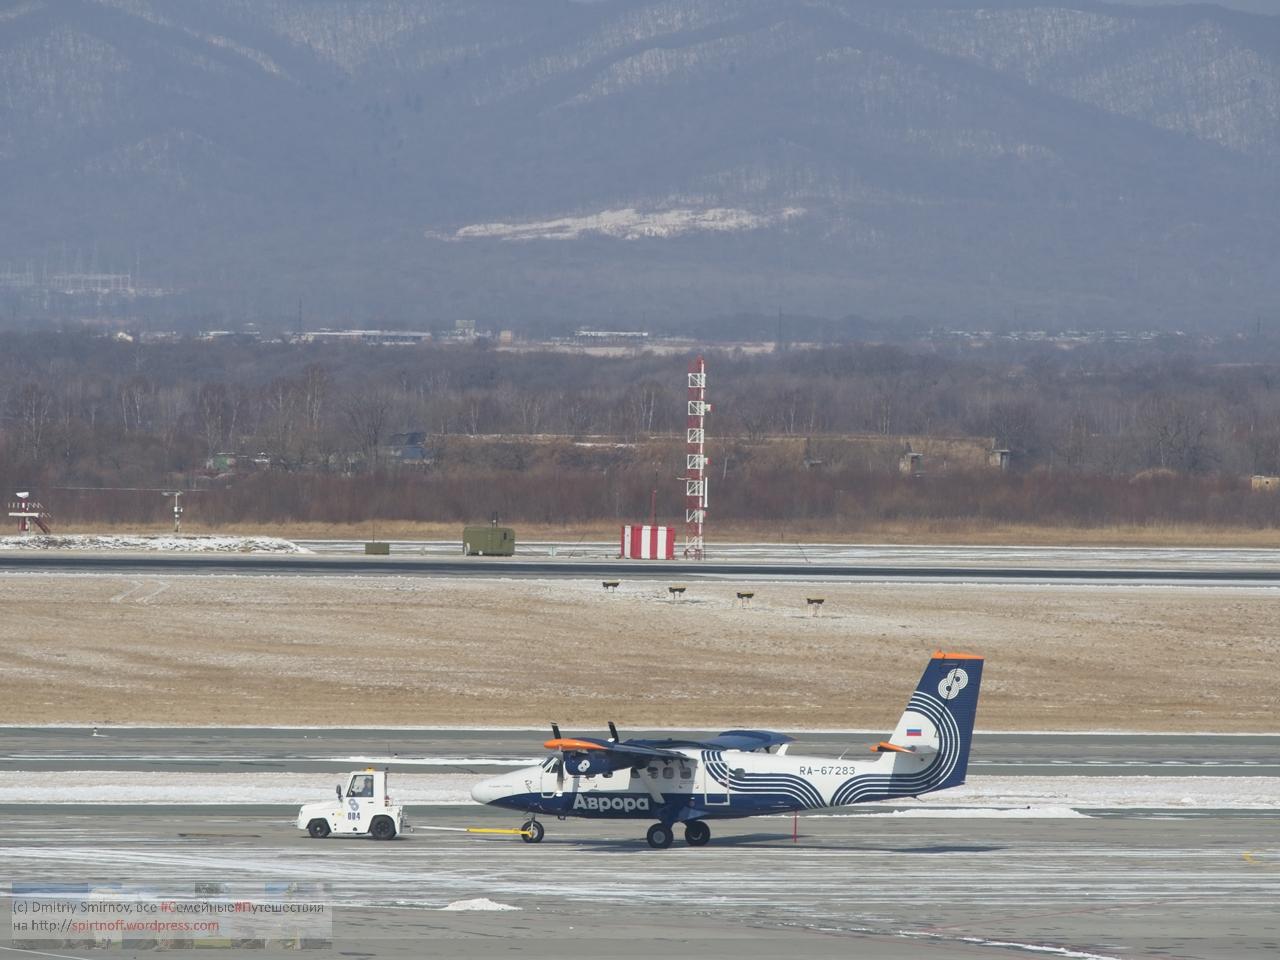 SMI23077-Blog-98 Путешествия  Владивосток. Постскриптум (Аэропорт Артем)